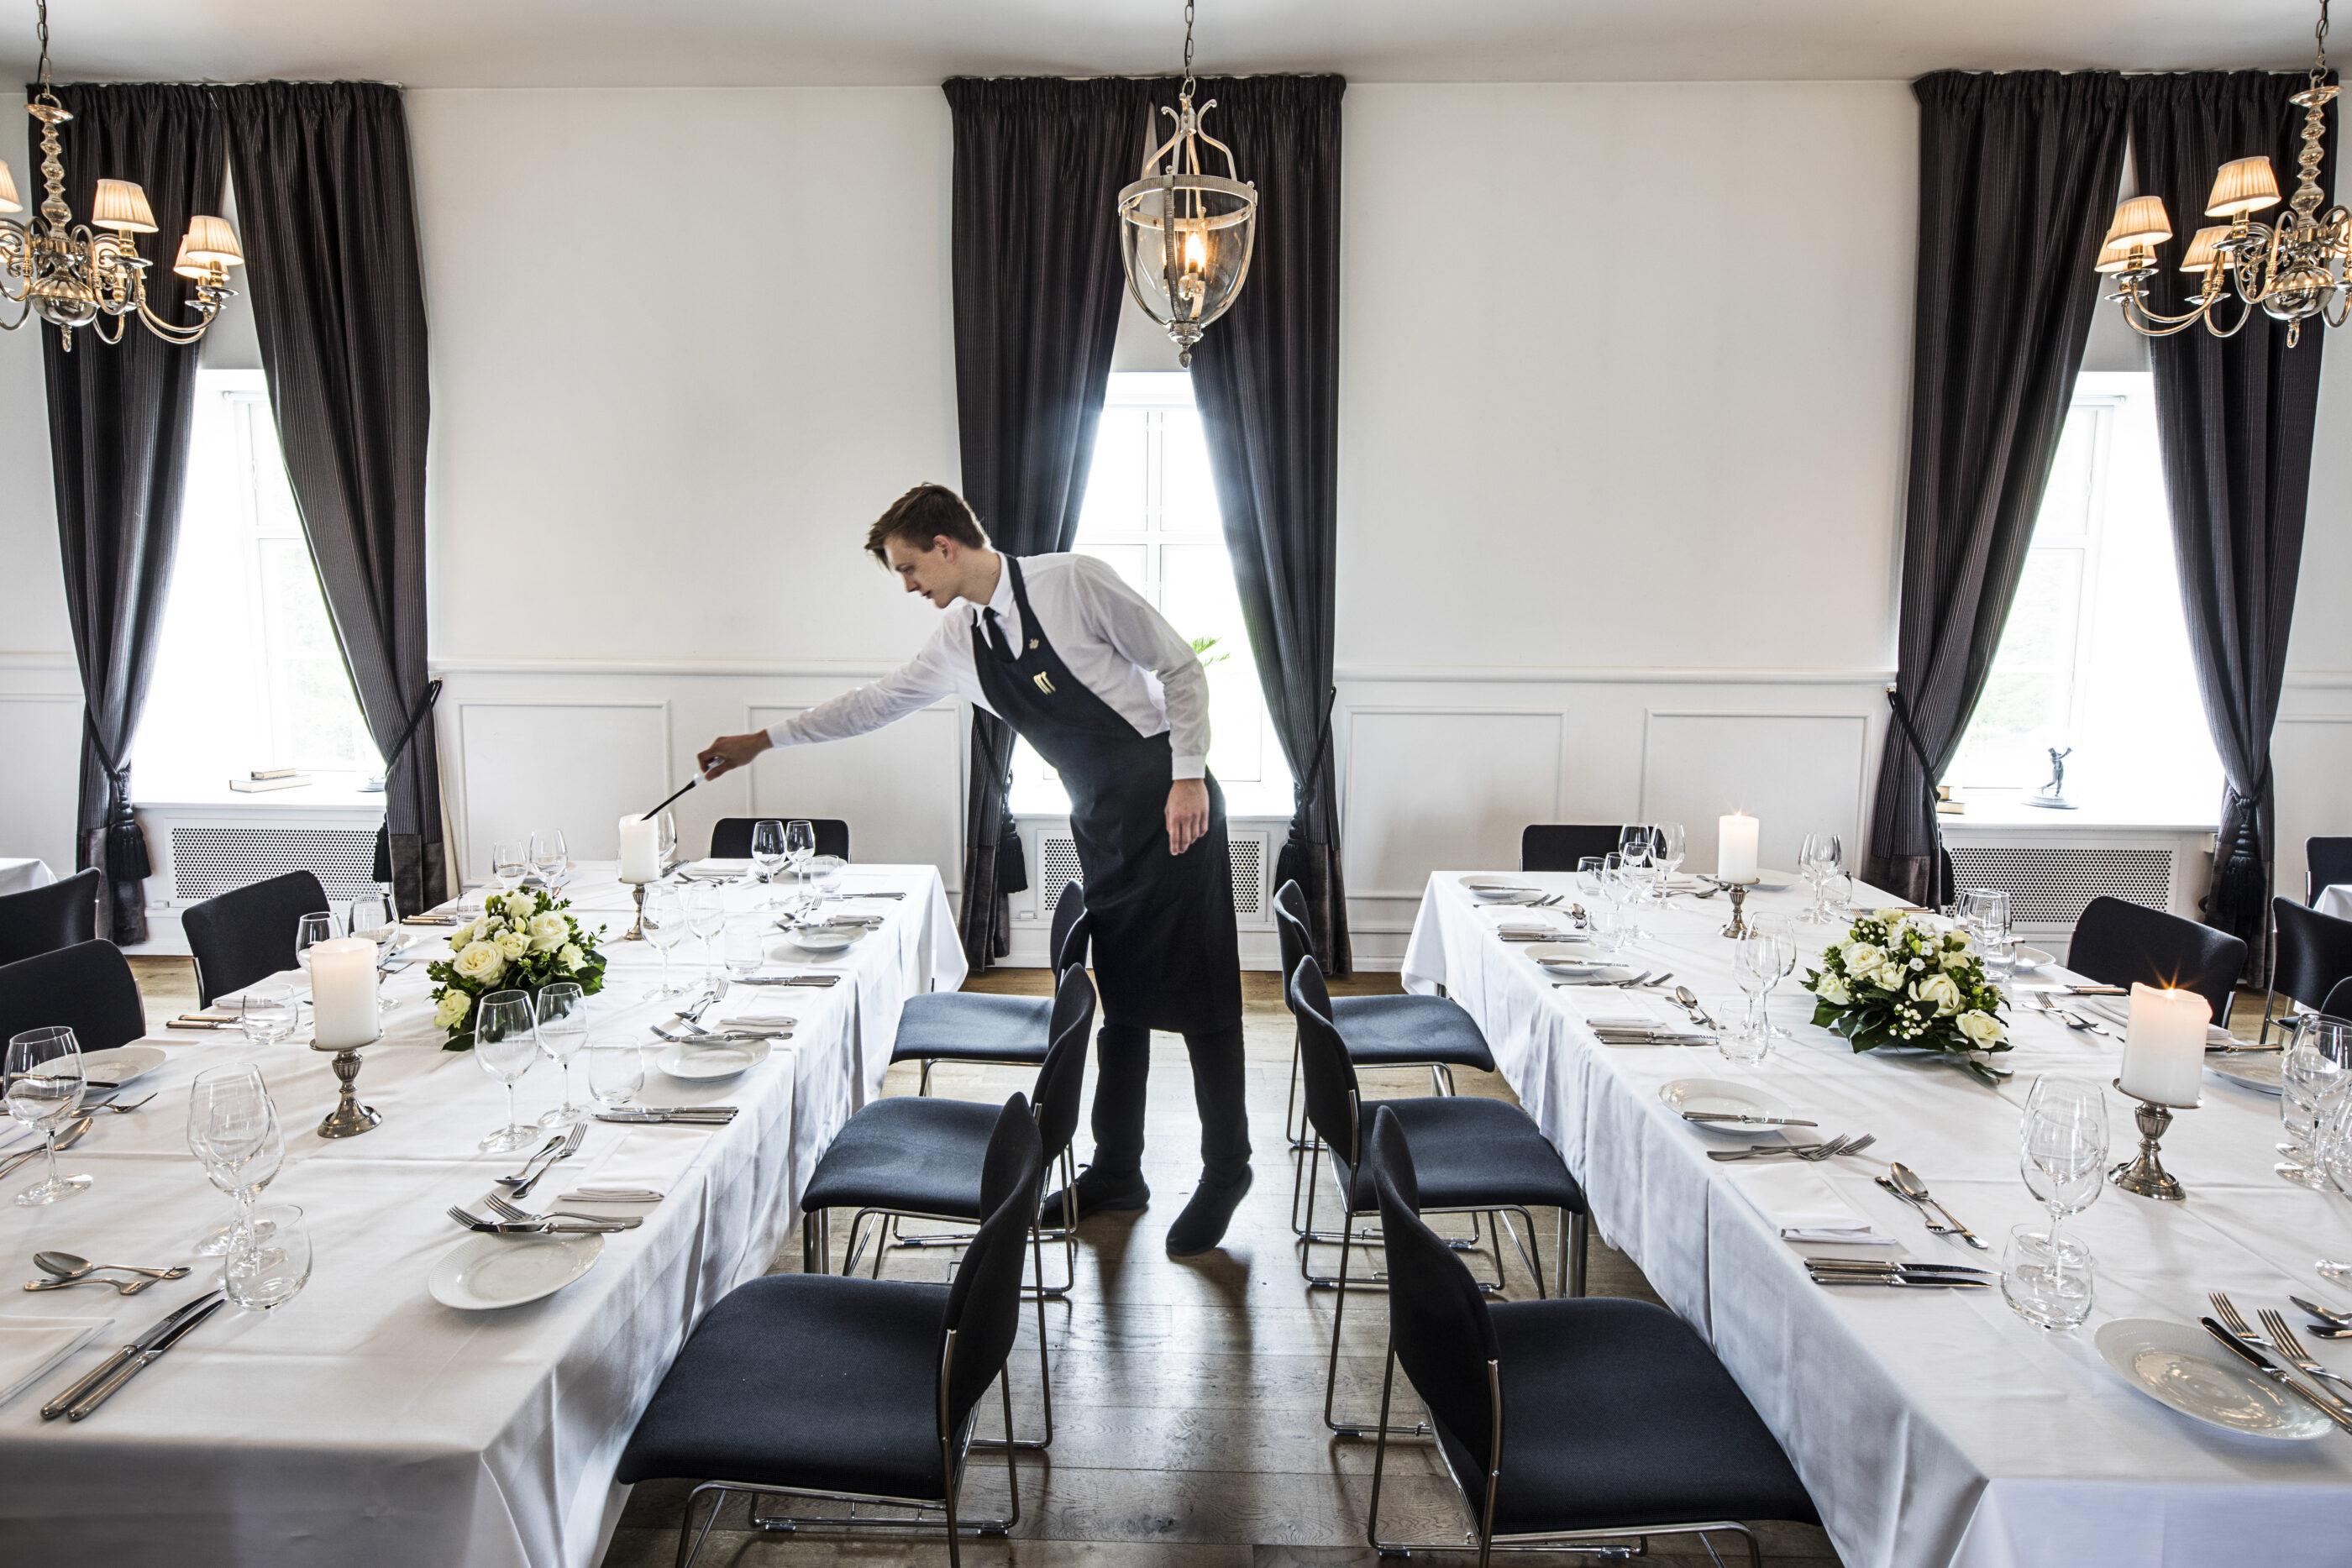 Kokkedal Slot medarbejder tænder for stearinlys ved flere middagsborde som ligger parallelt over for hinanden